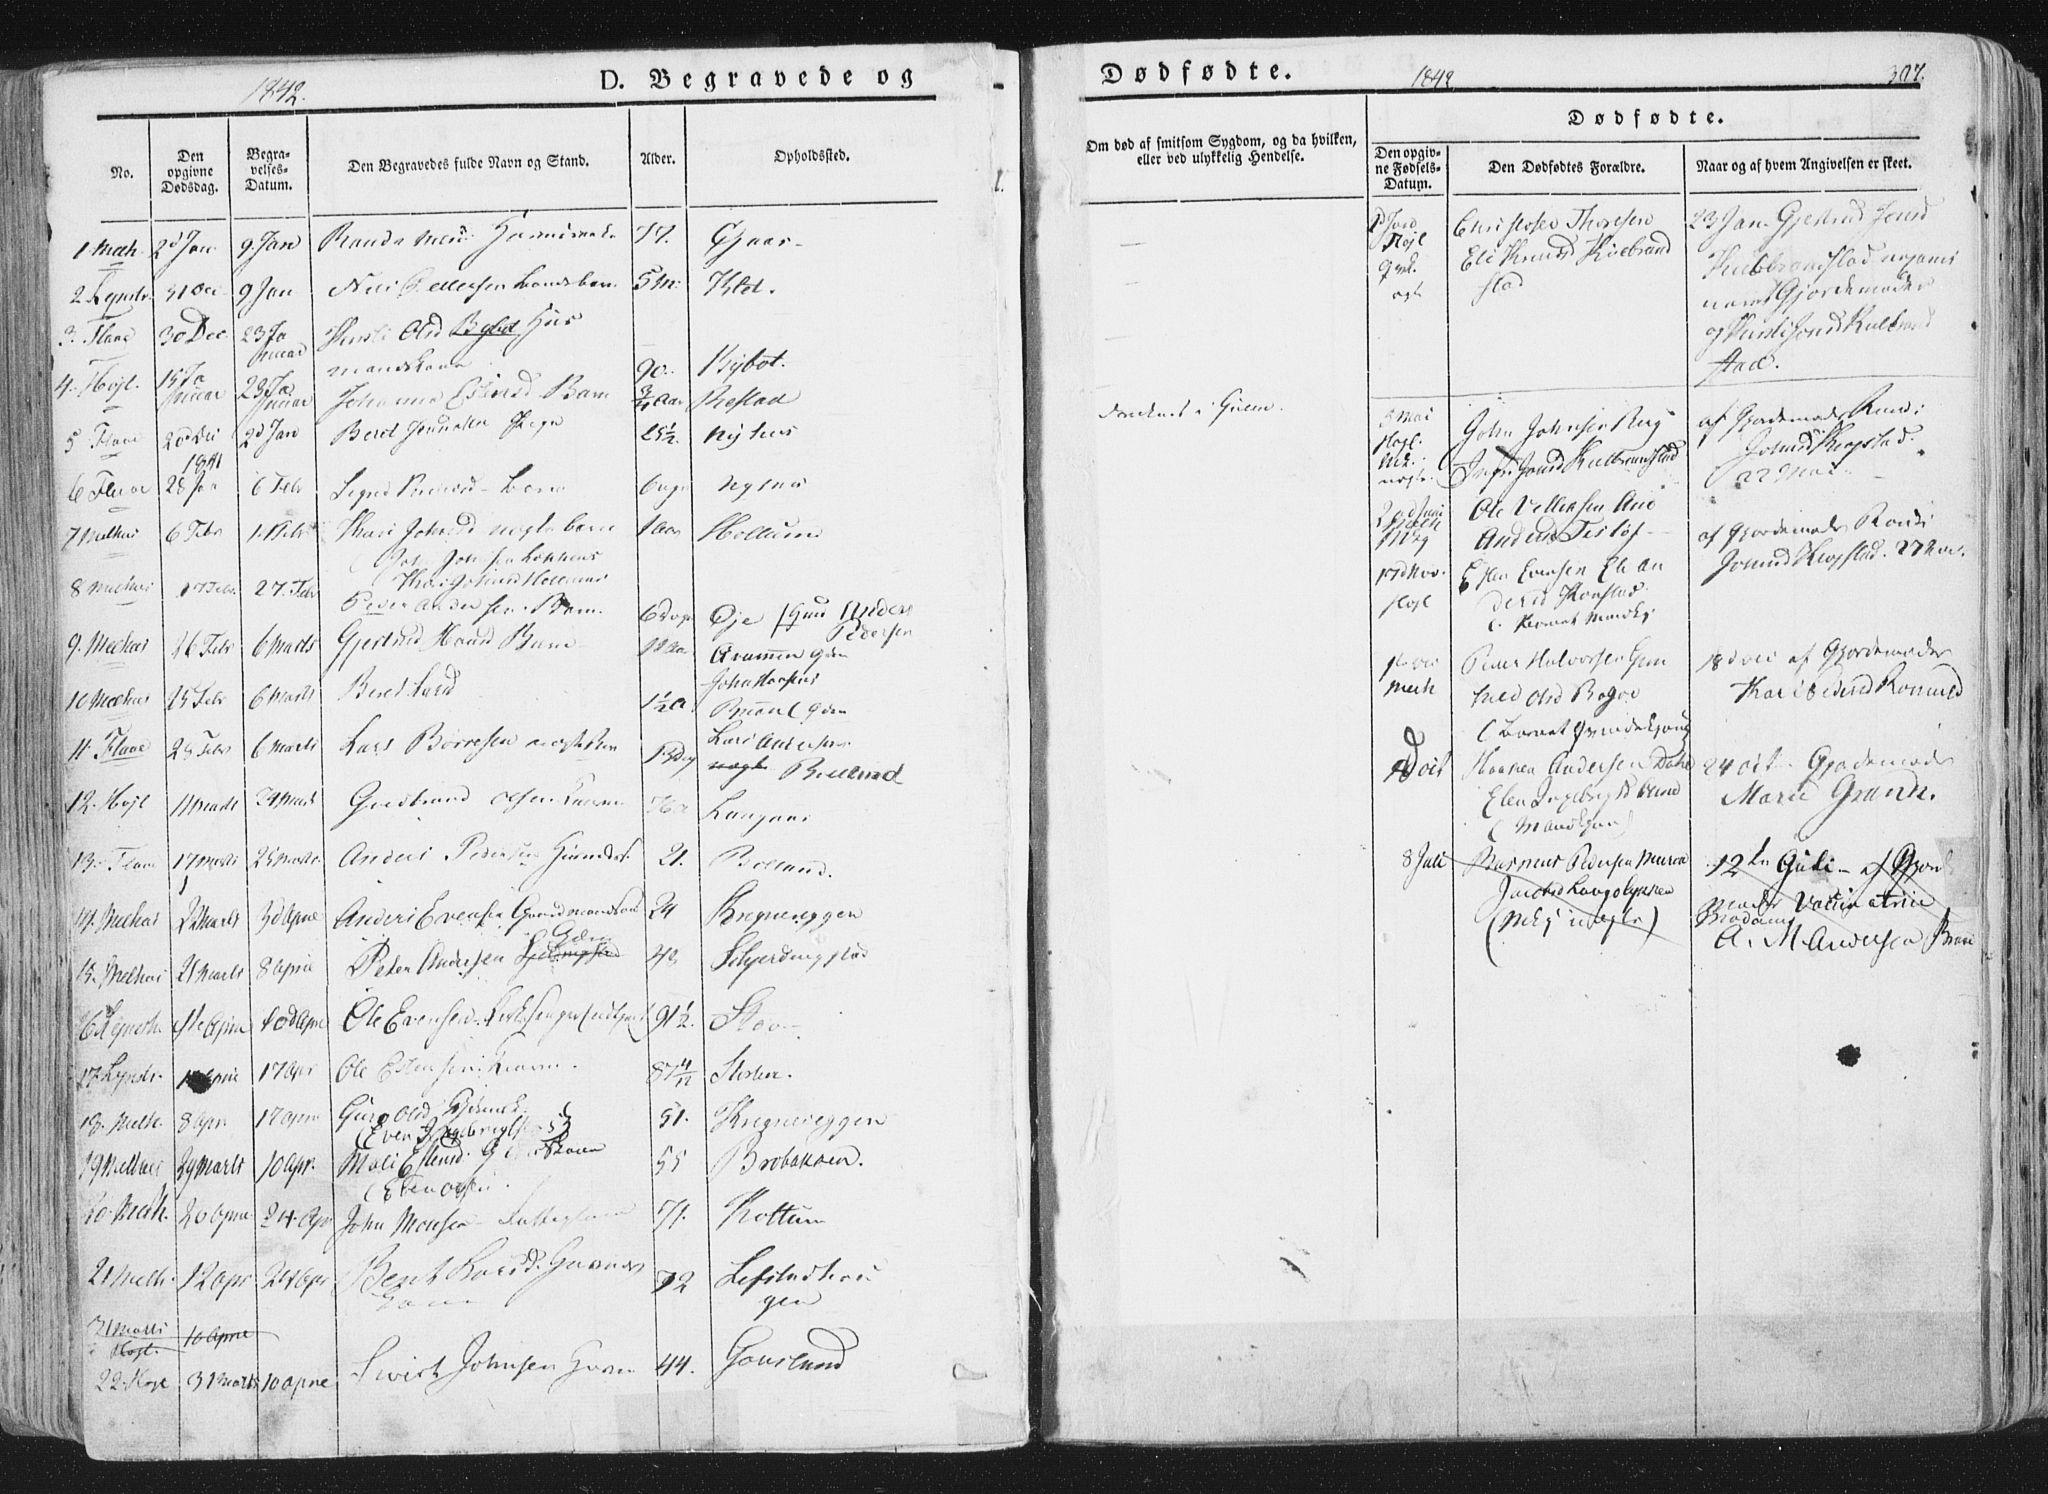 SAT, Ministerialprotokoller, klokkerbøker og fødselsregistre - Sør-Trøndelag, 691/L1074: Ministerialbok nr. 691A06, 1842-1852, s. 307